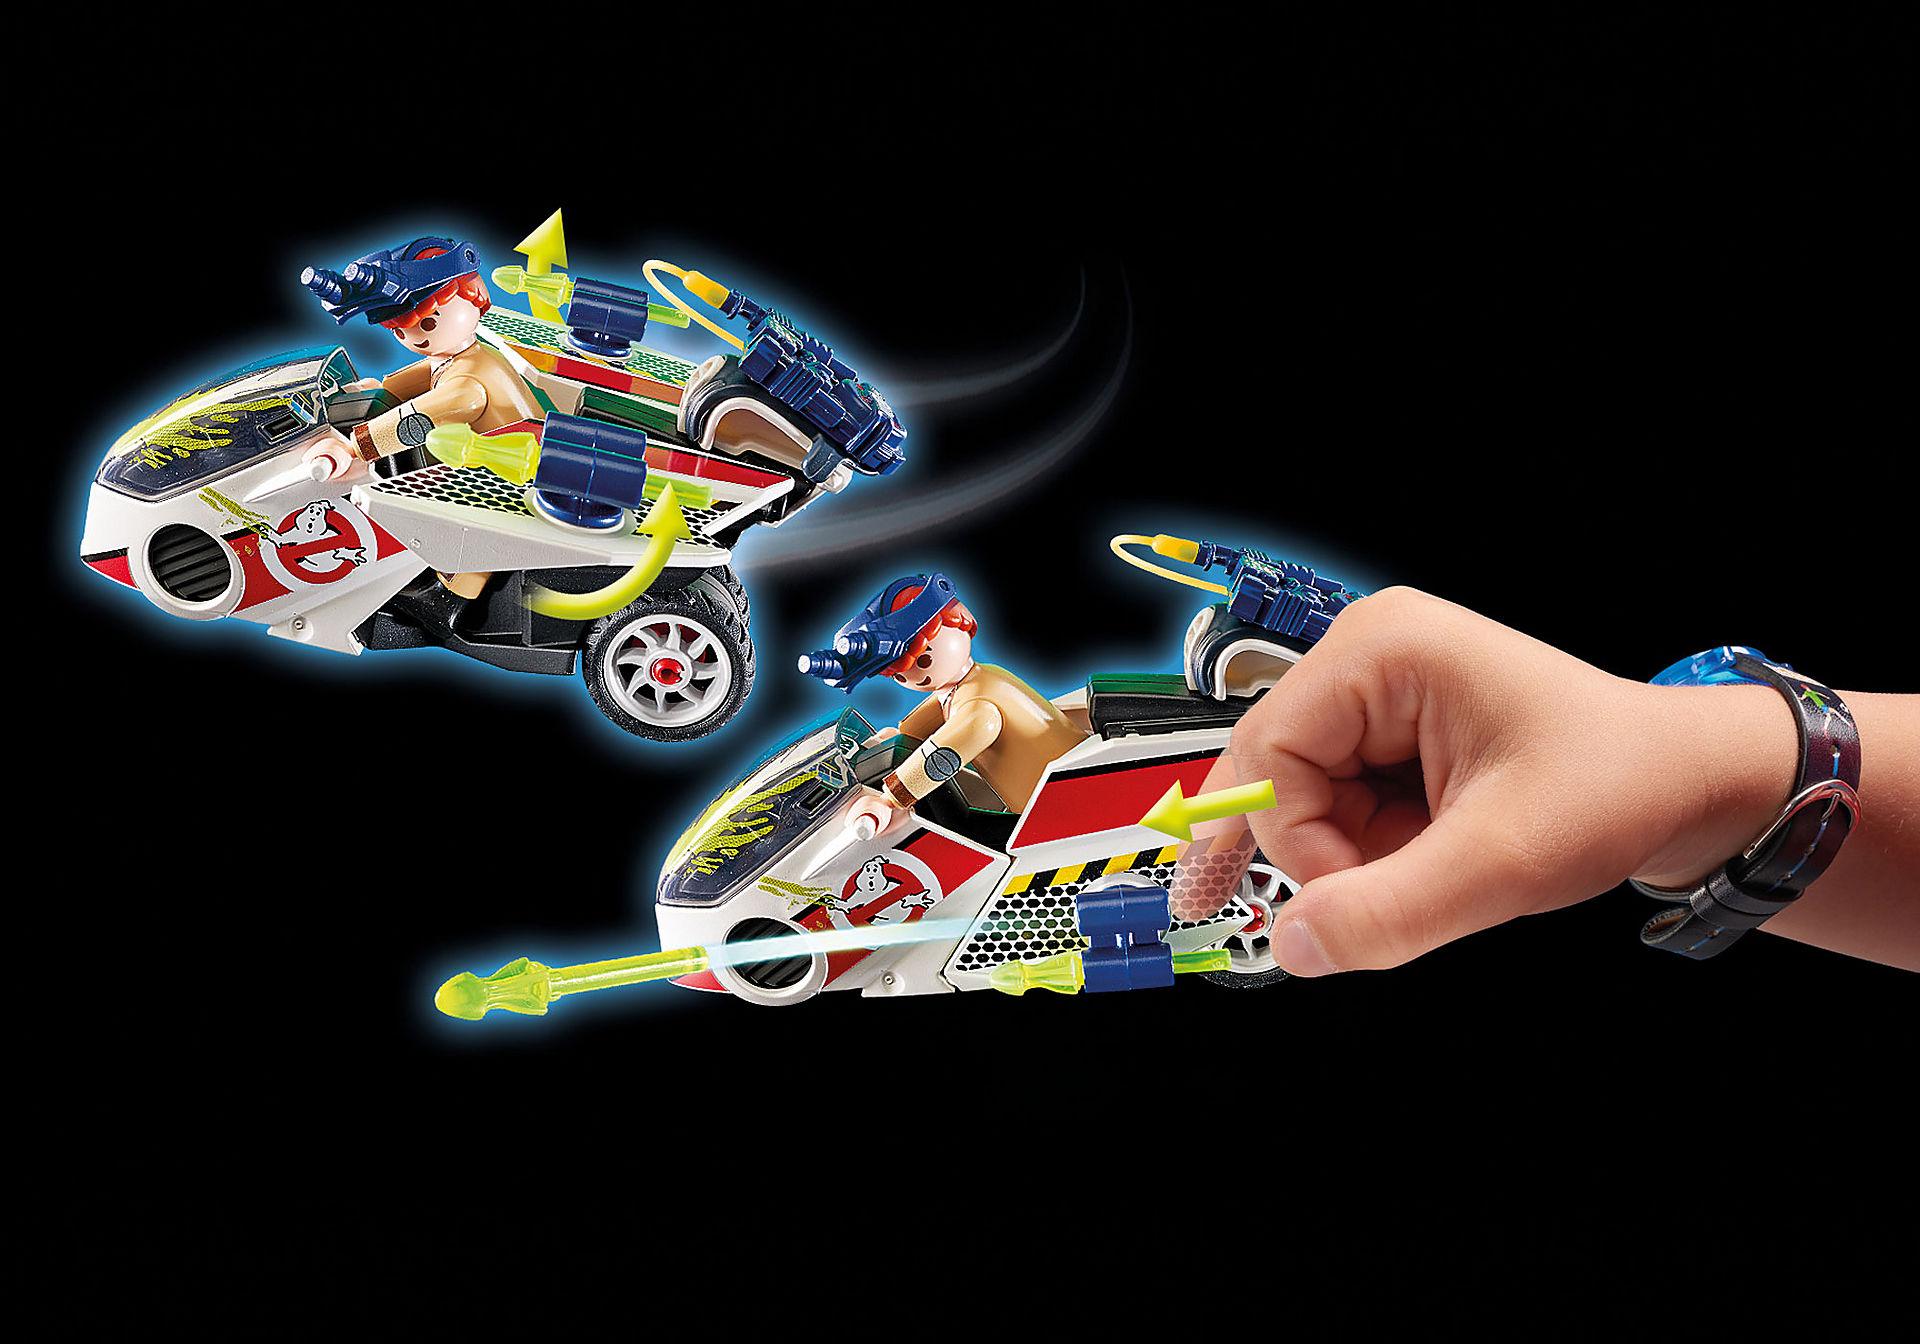 http://media.playmobil.com/i/playmobil/9388_product_extra1/Stanz com Moto Voladora